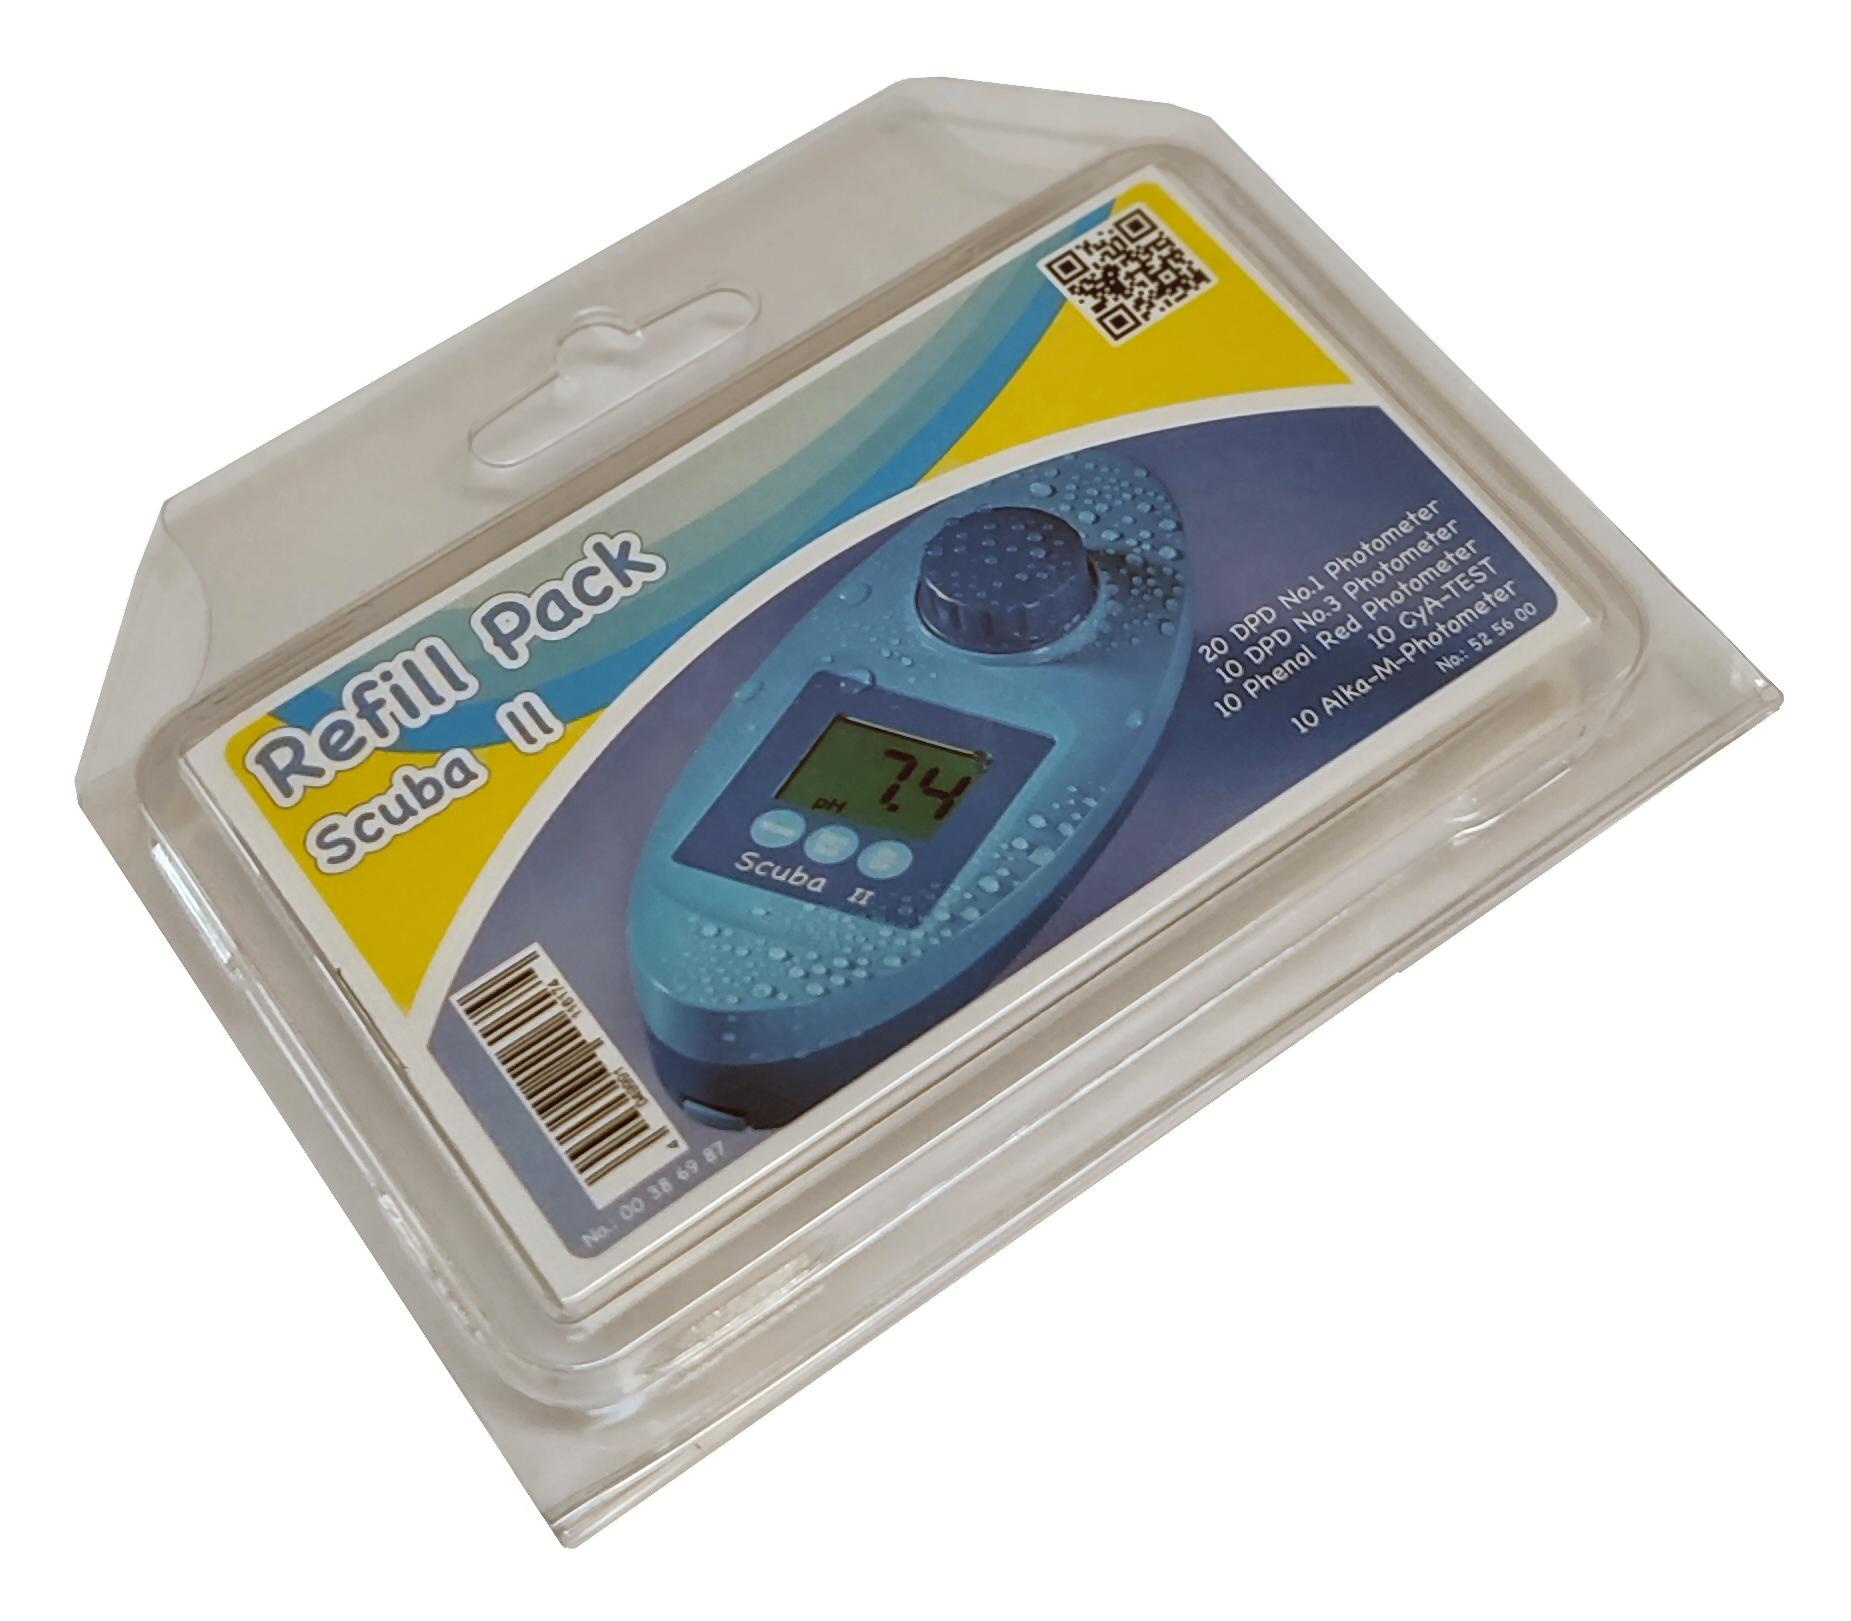 Refillpakke til SmartTest Photometer